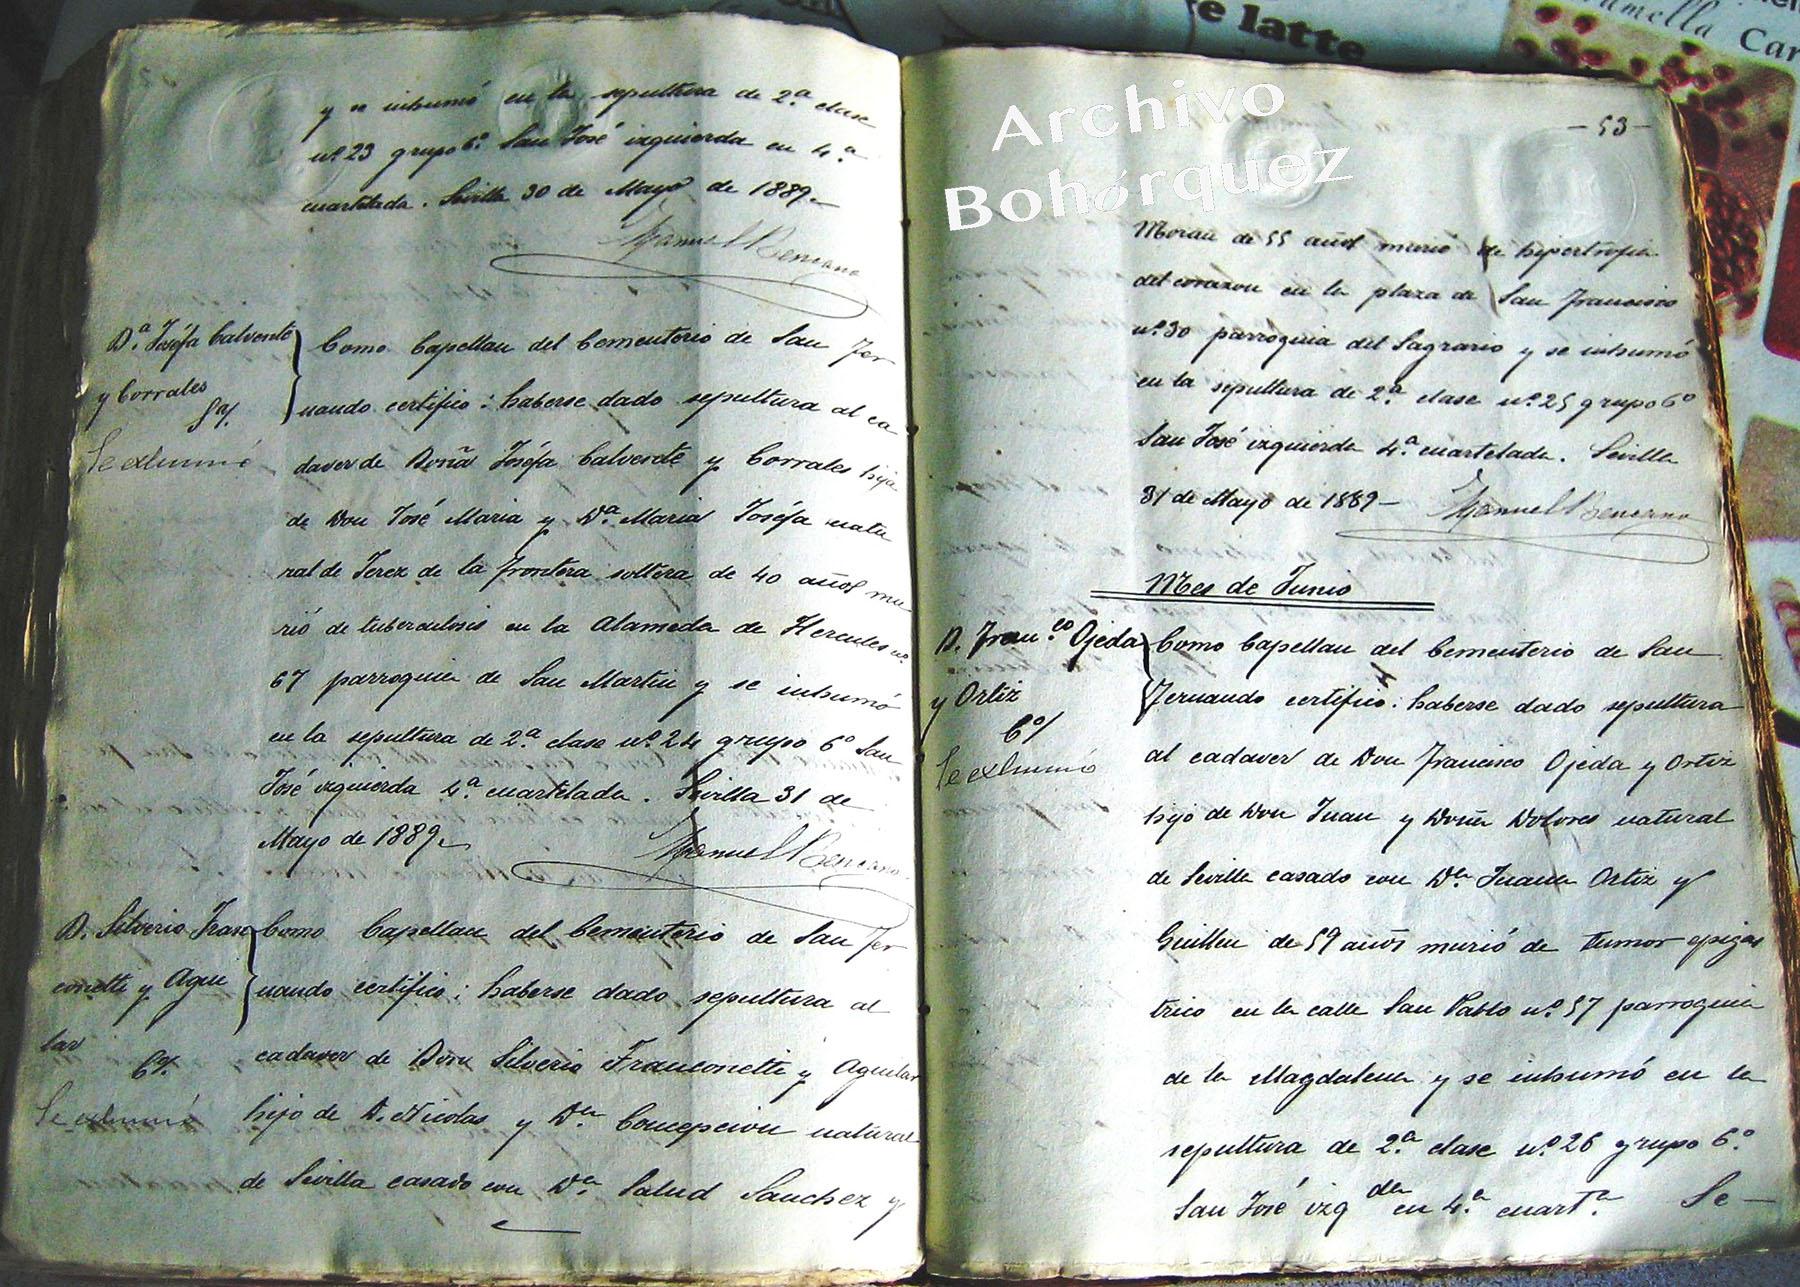 Libro de registros del Cementerio de San Fernando de Sevilla, donde quedó registrado el enterramiento de Silverio Franconetti. 1889. Archivo Bohórquez.